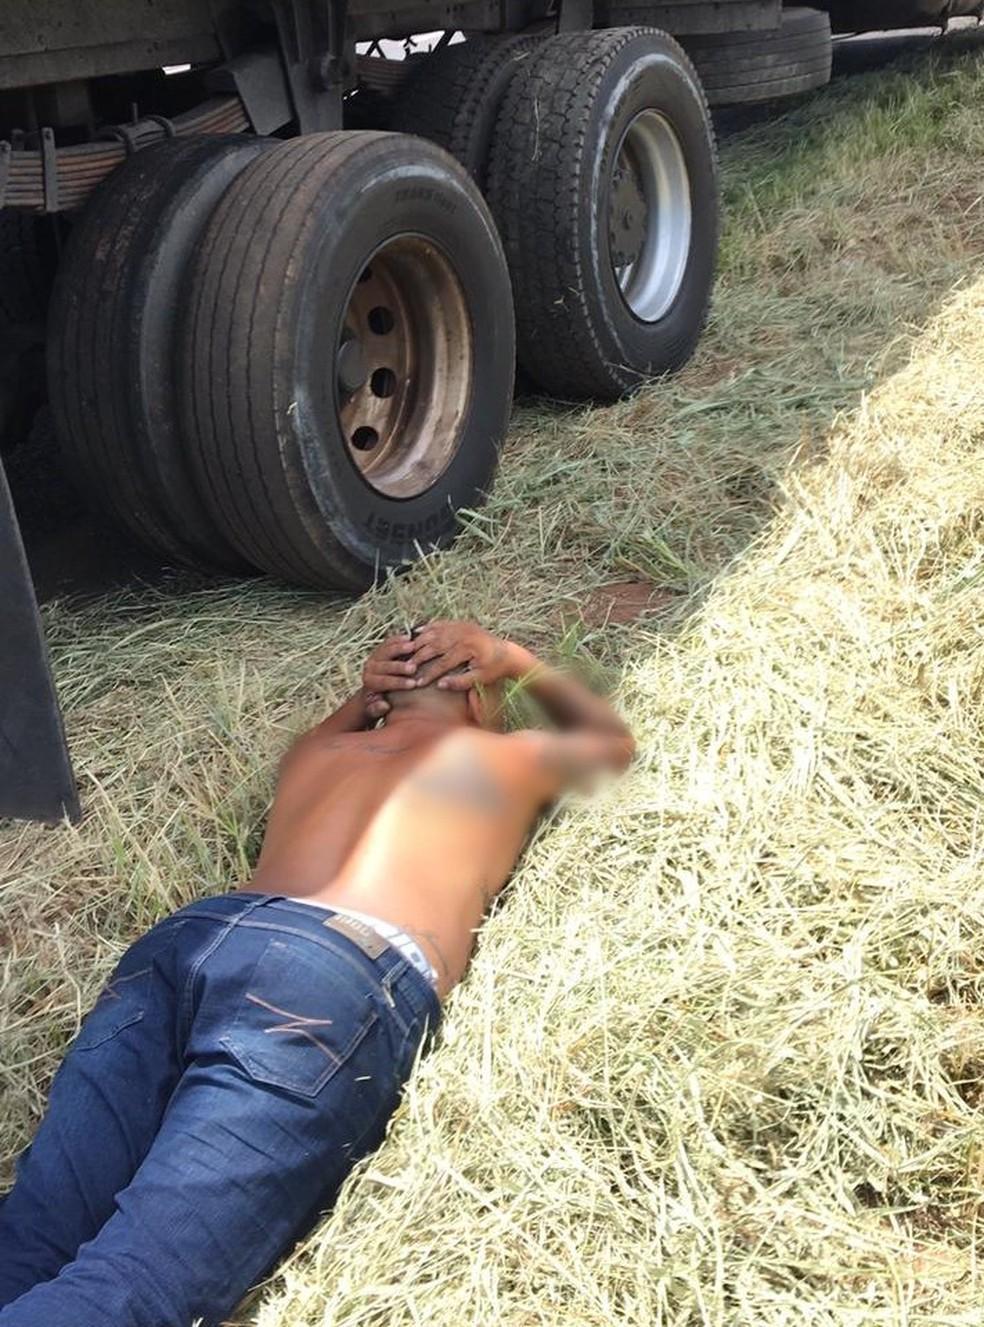 Suspeito que dirigia o caminhão precisou ser imobilizado até a chegada das viaturas de apoio — Foto: J. Serafim/Divulgação